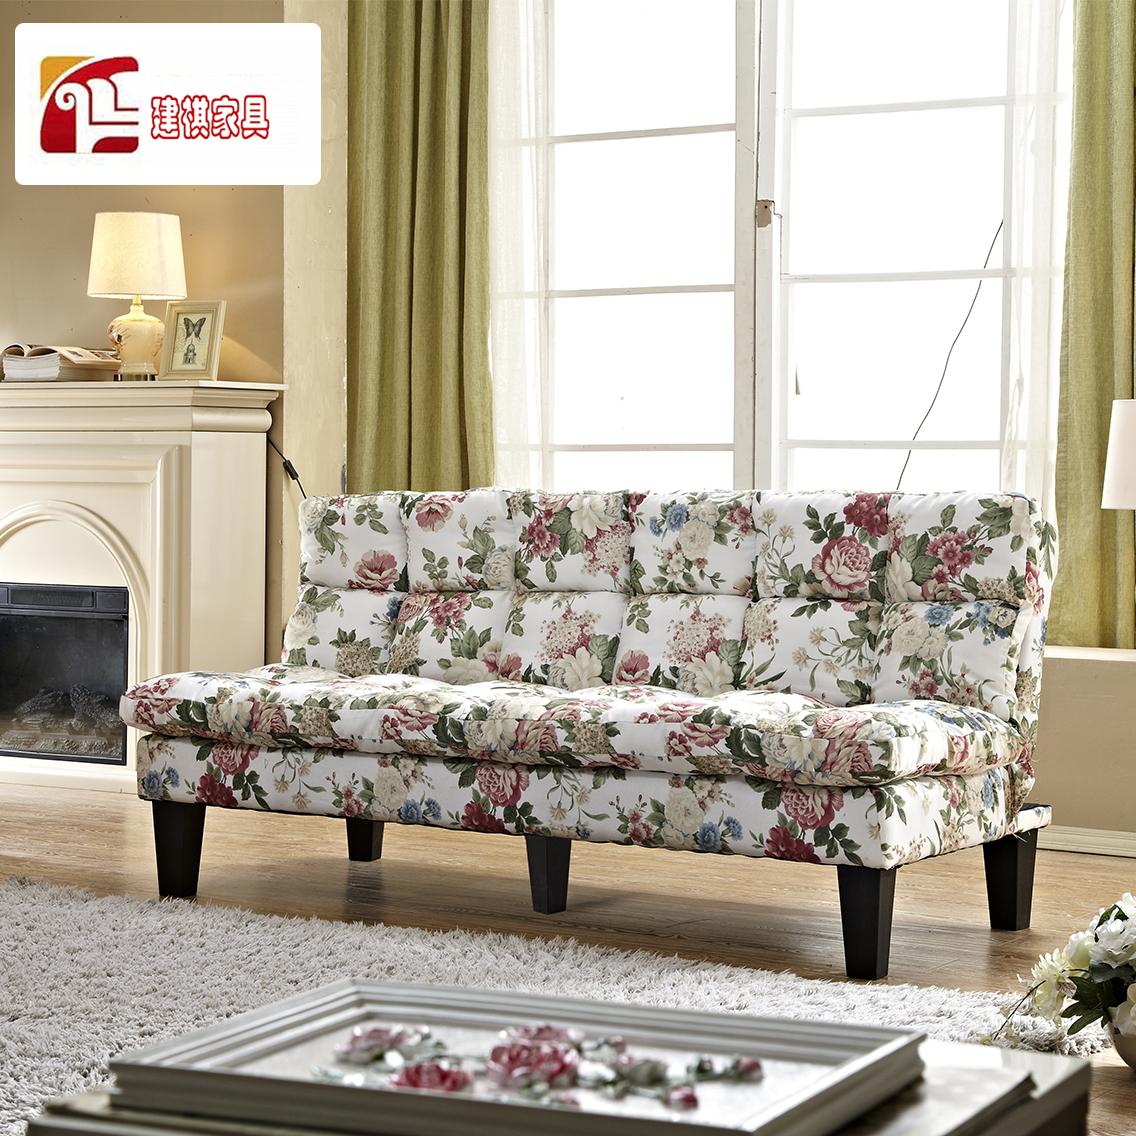 Τον καναπέ - κρεβάτι πτυσσόμενο καναπέ - κρεβάτι του μικρού μεγέθους της πολυλειτουργικής 1,8 m ξύλινα απλά η καναπέ σου τσάντα.